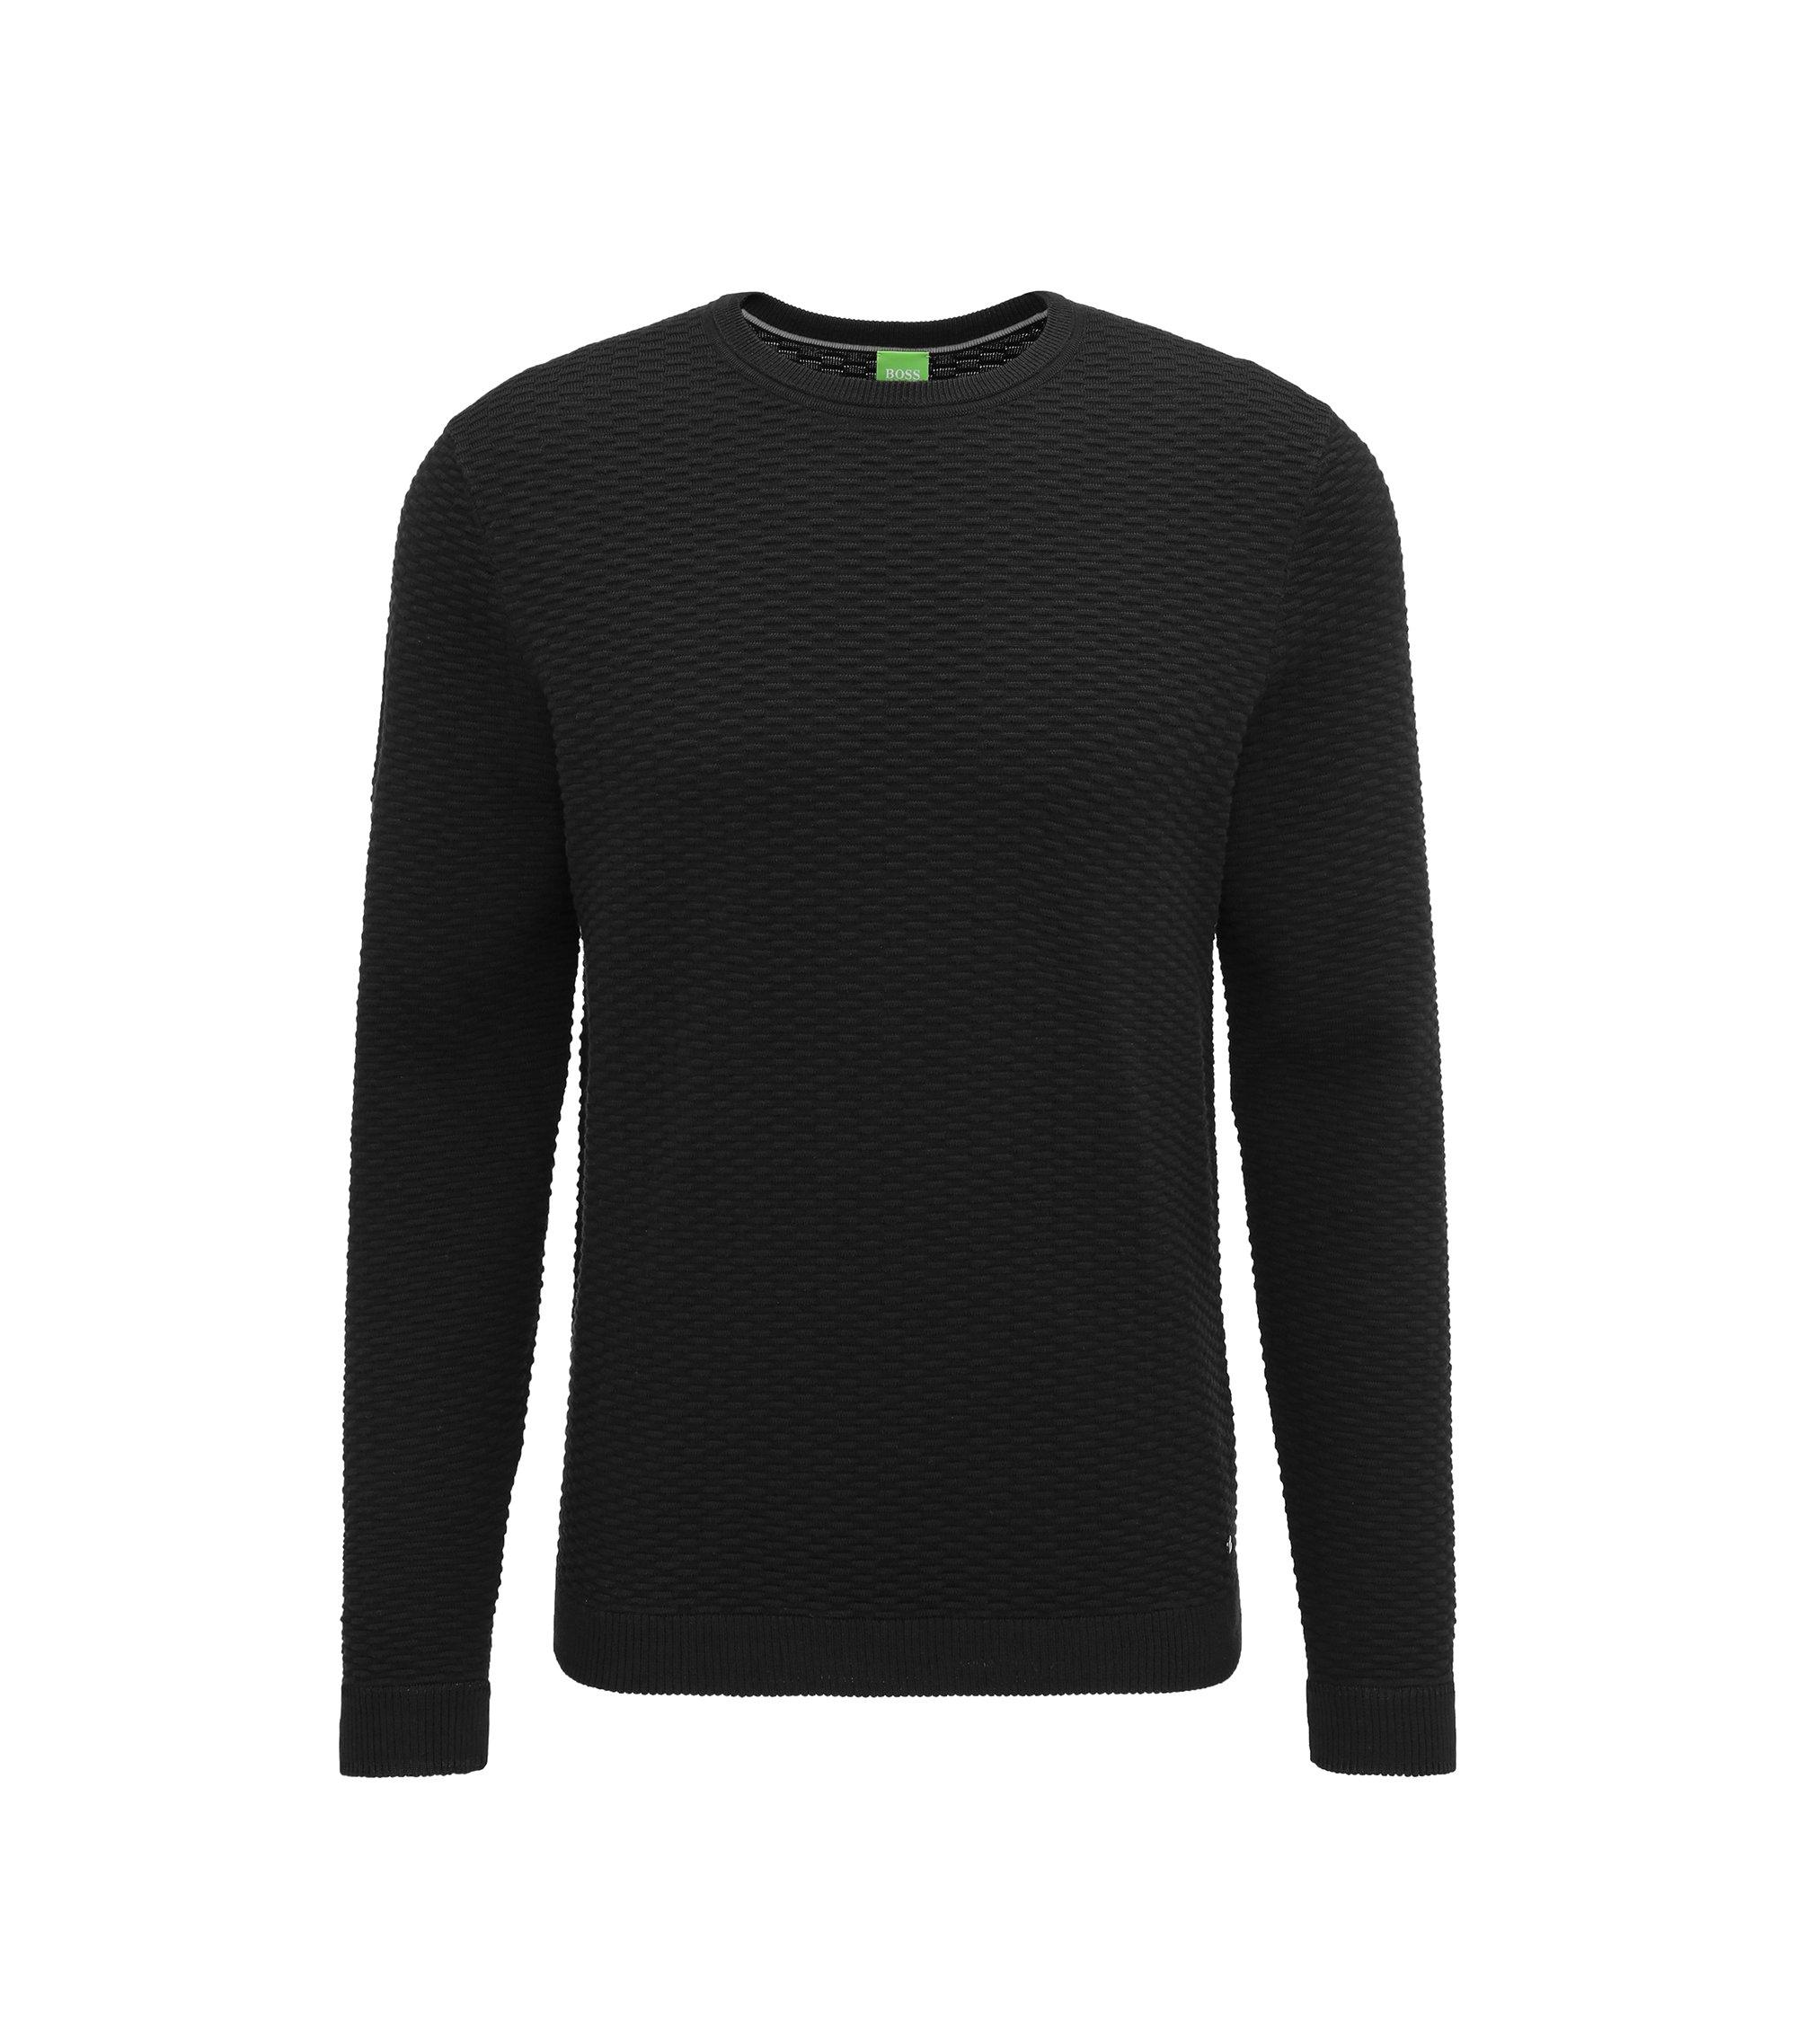 Regular-Fit Pullover aus strukturiertem Baumwoll-Mix, Schwarz